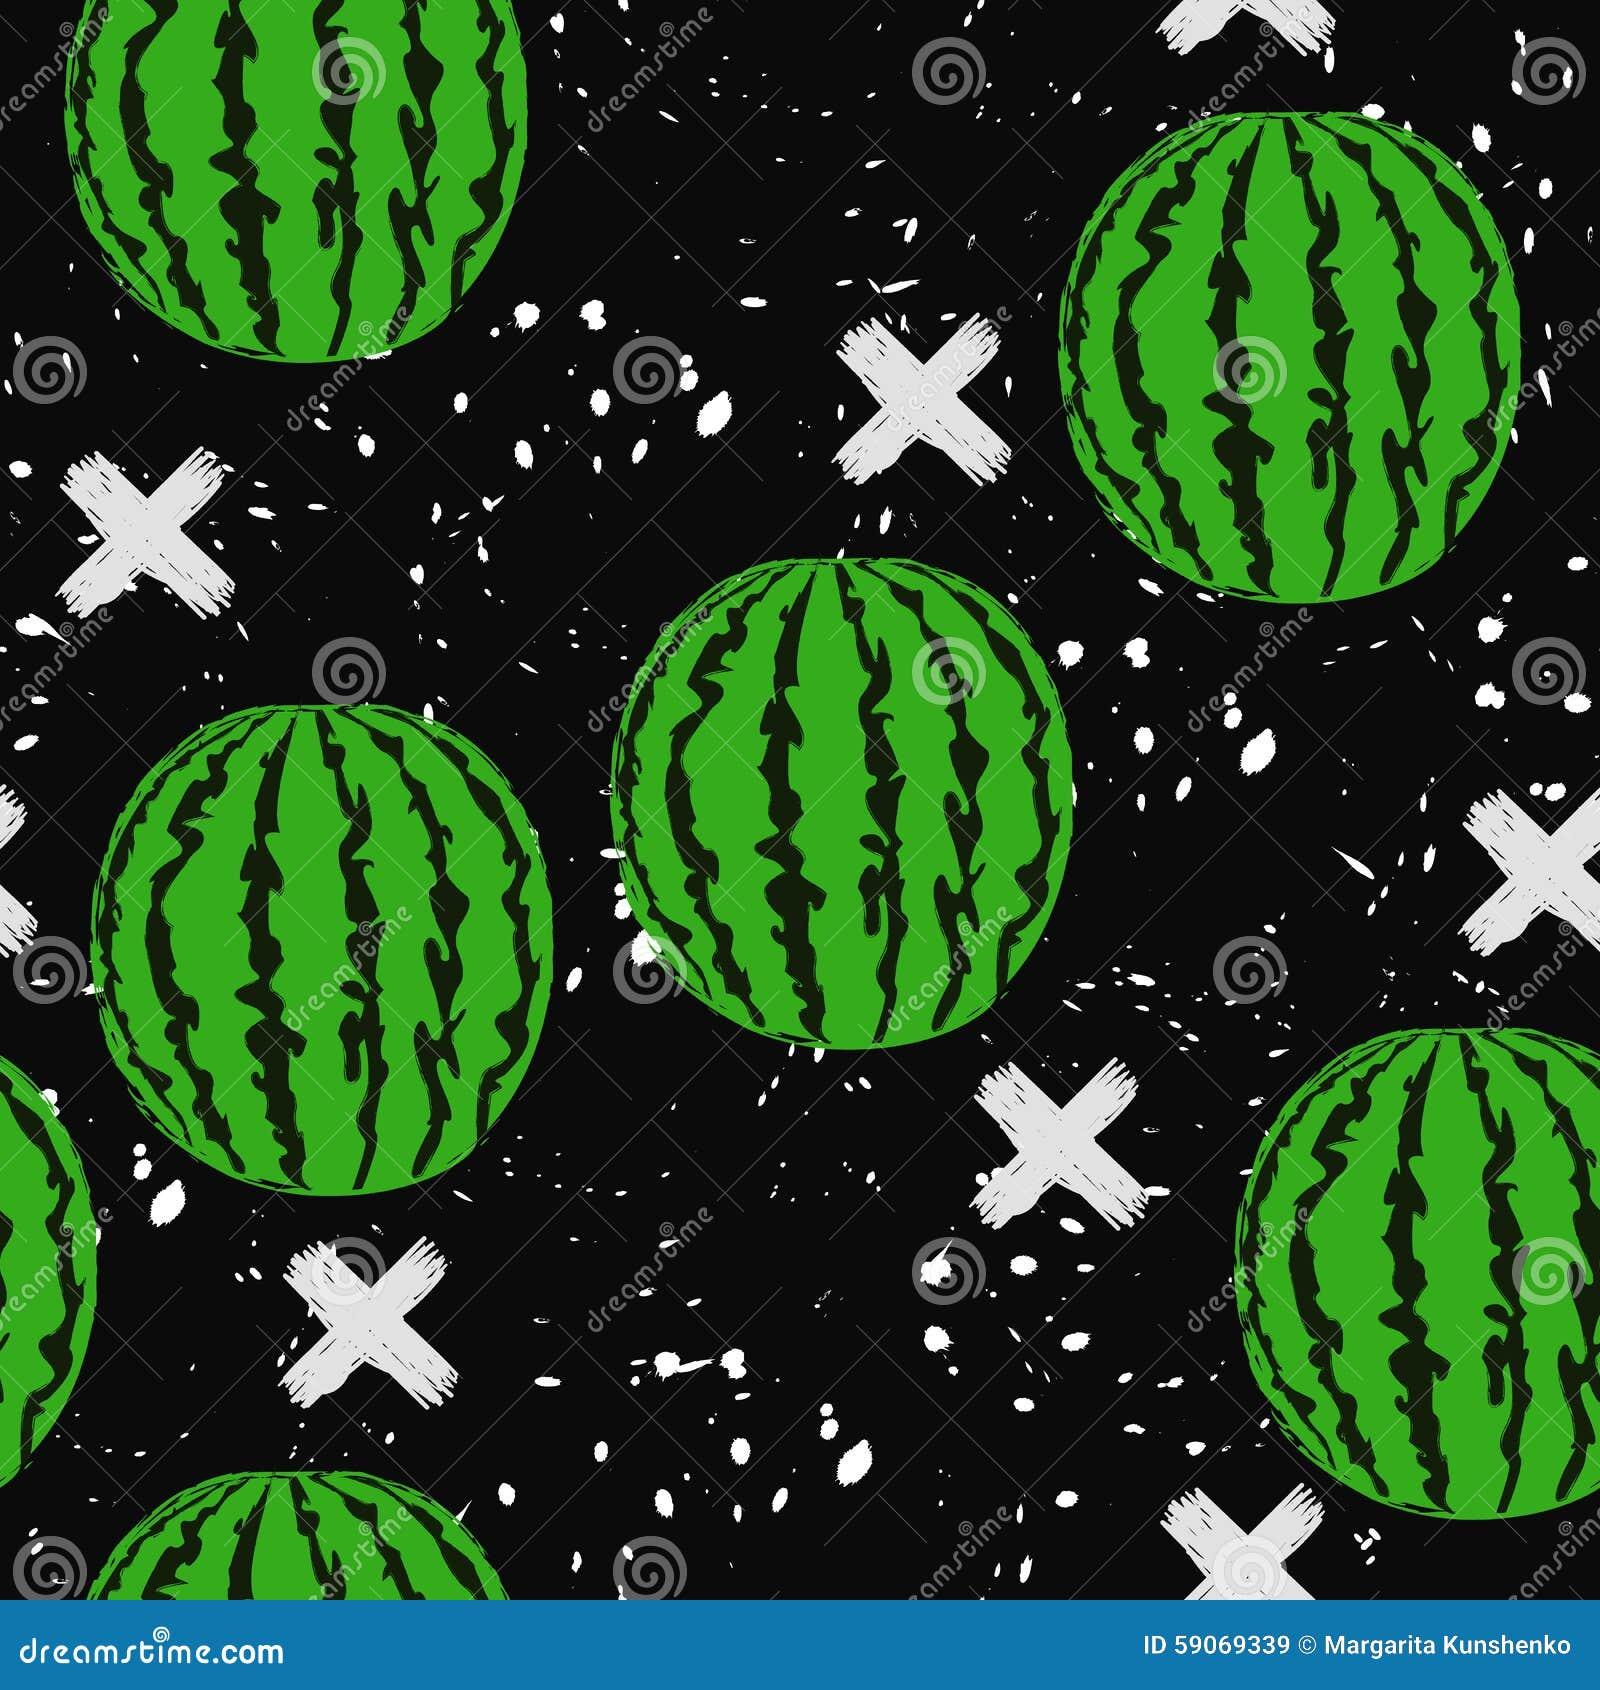 整个西瓜的样式图片